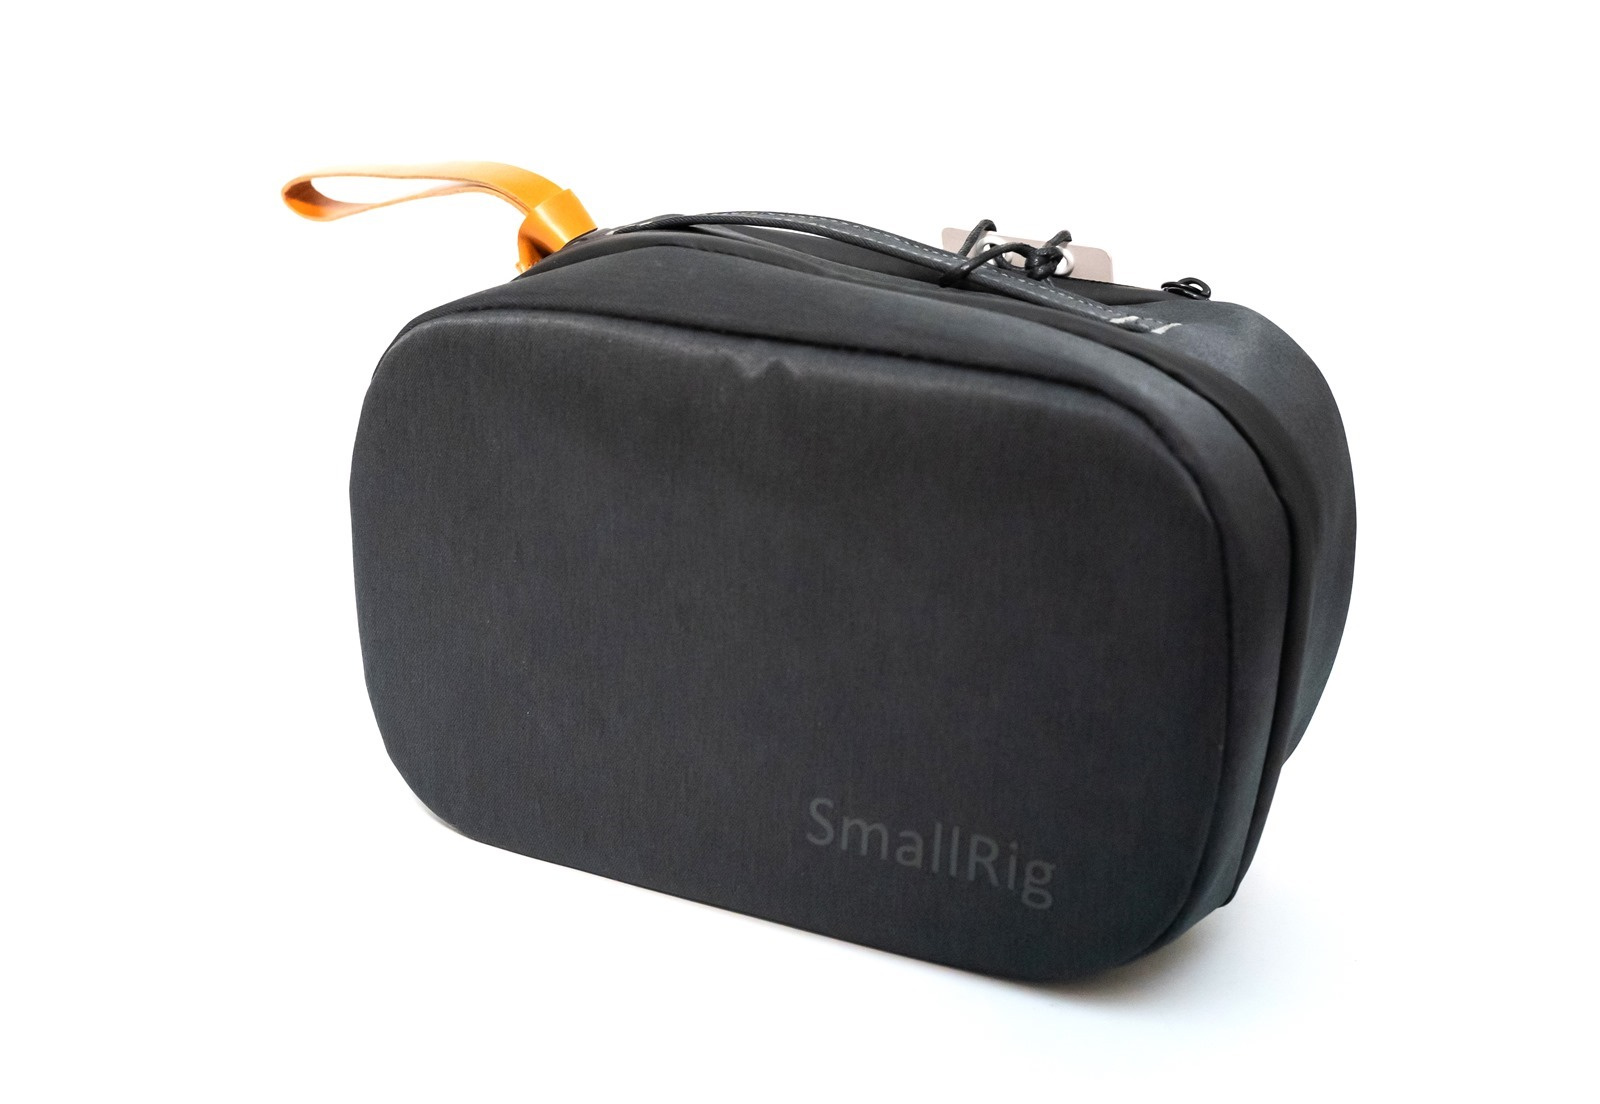 PEAK DESIGN 旅行者 21 夾層隨行包 / SmallRig 配件收納包 PPP2392 入手分享 / 比較 / 心得 @3C 達人廖阿輝